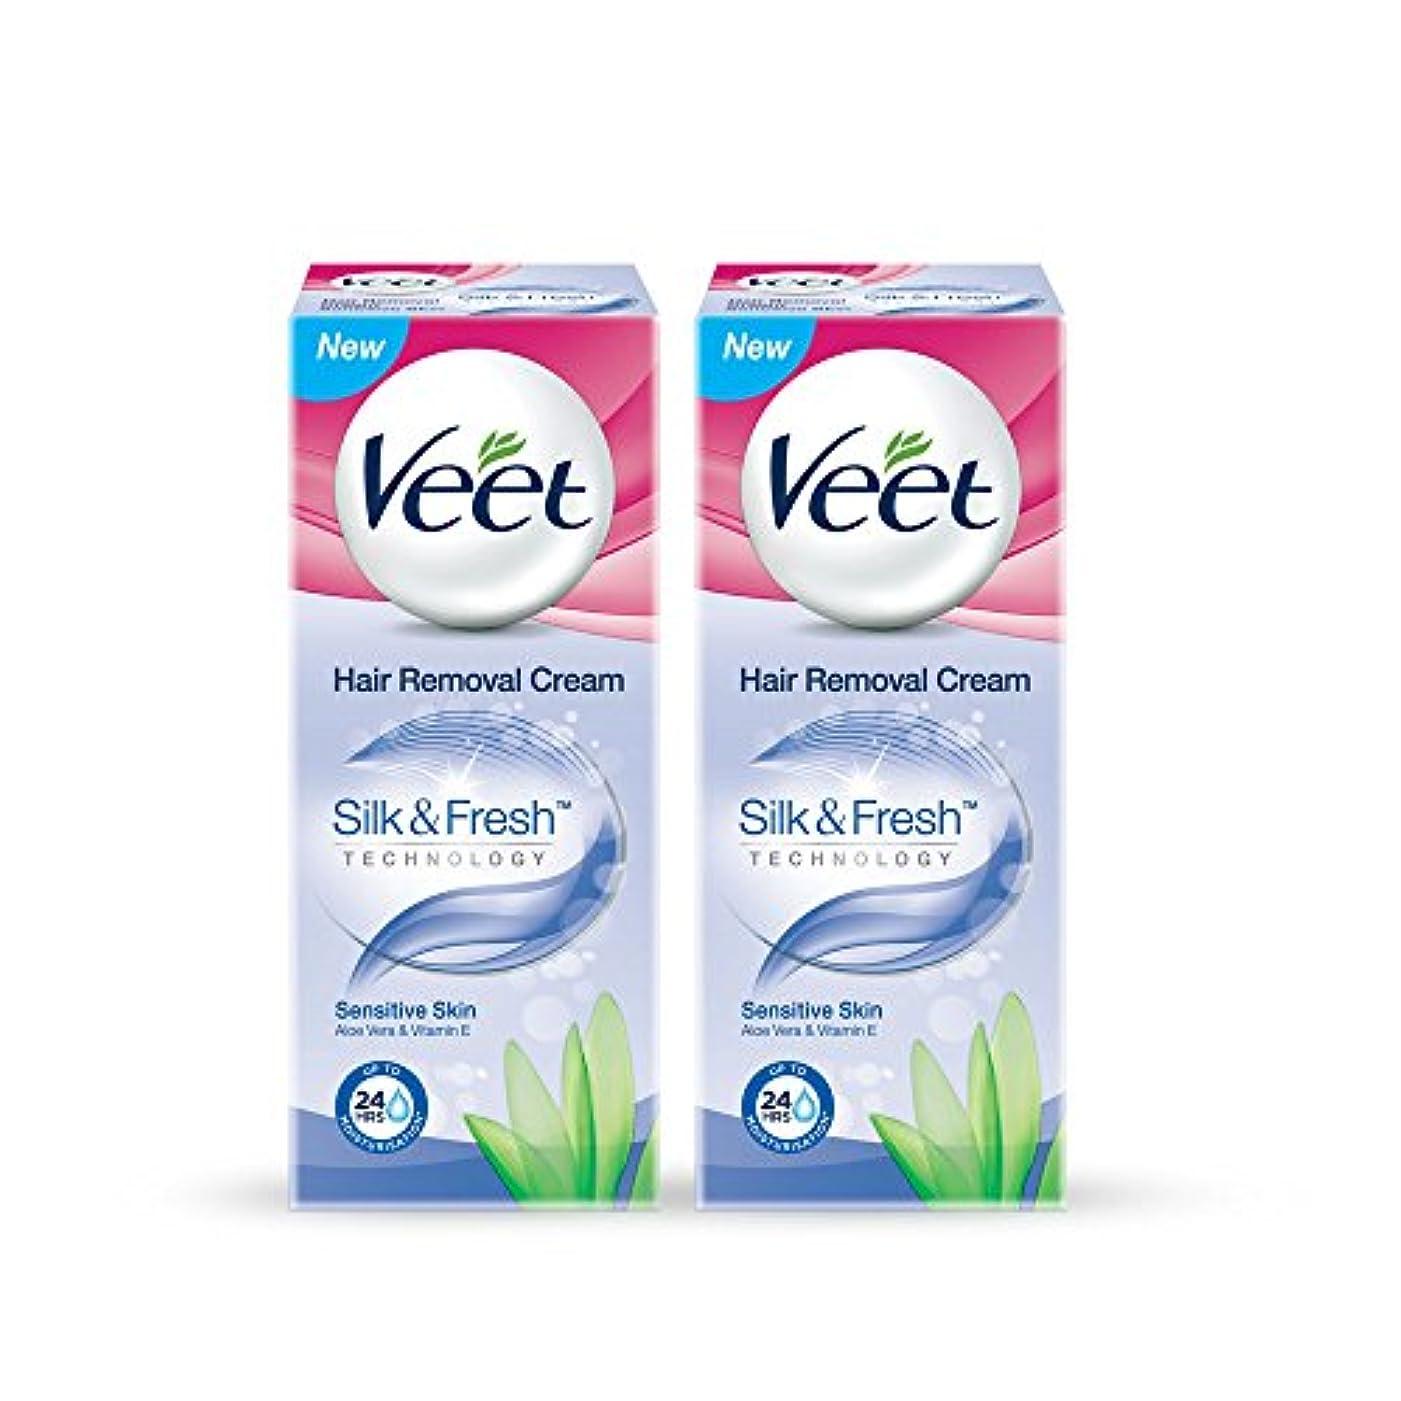 起きろ仕えるであるVeet Hair Removal Gel Cream For Sensitive Skin With Aloe Vera and Vitamin E 25 g (Pack of 2)